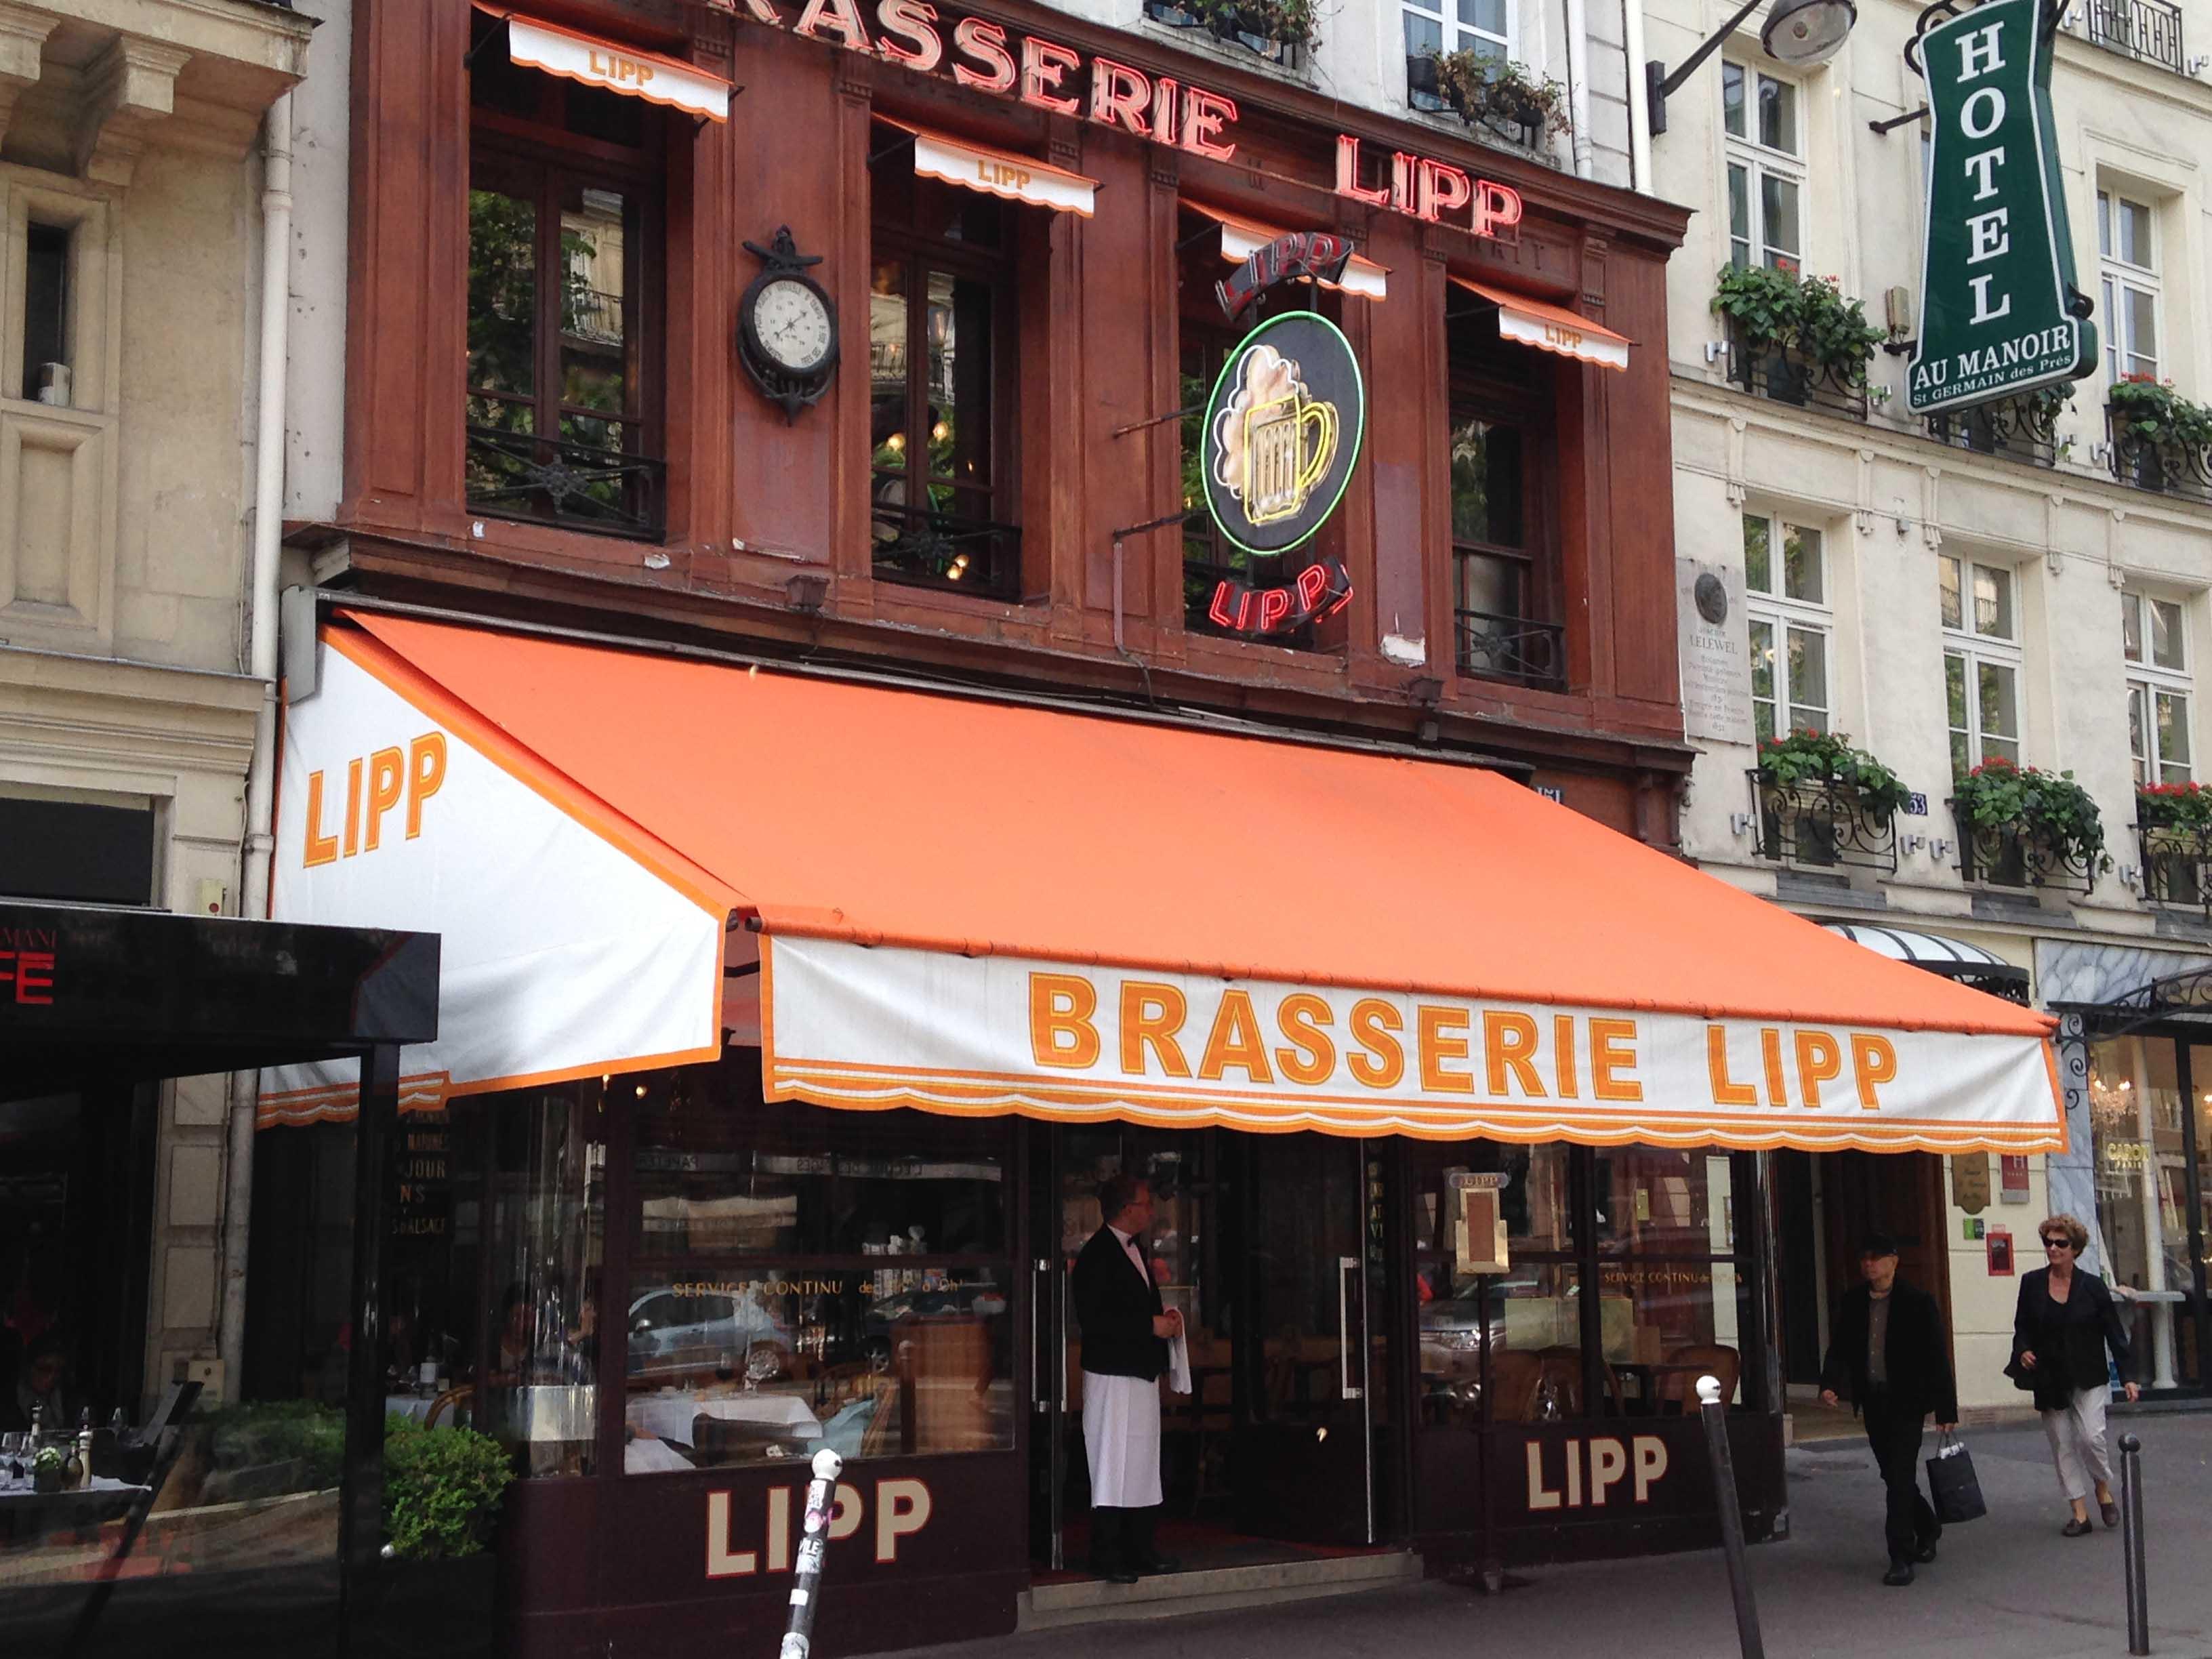 store brasserie paris dupont kine lipp saint germain des prés